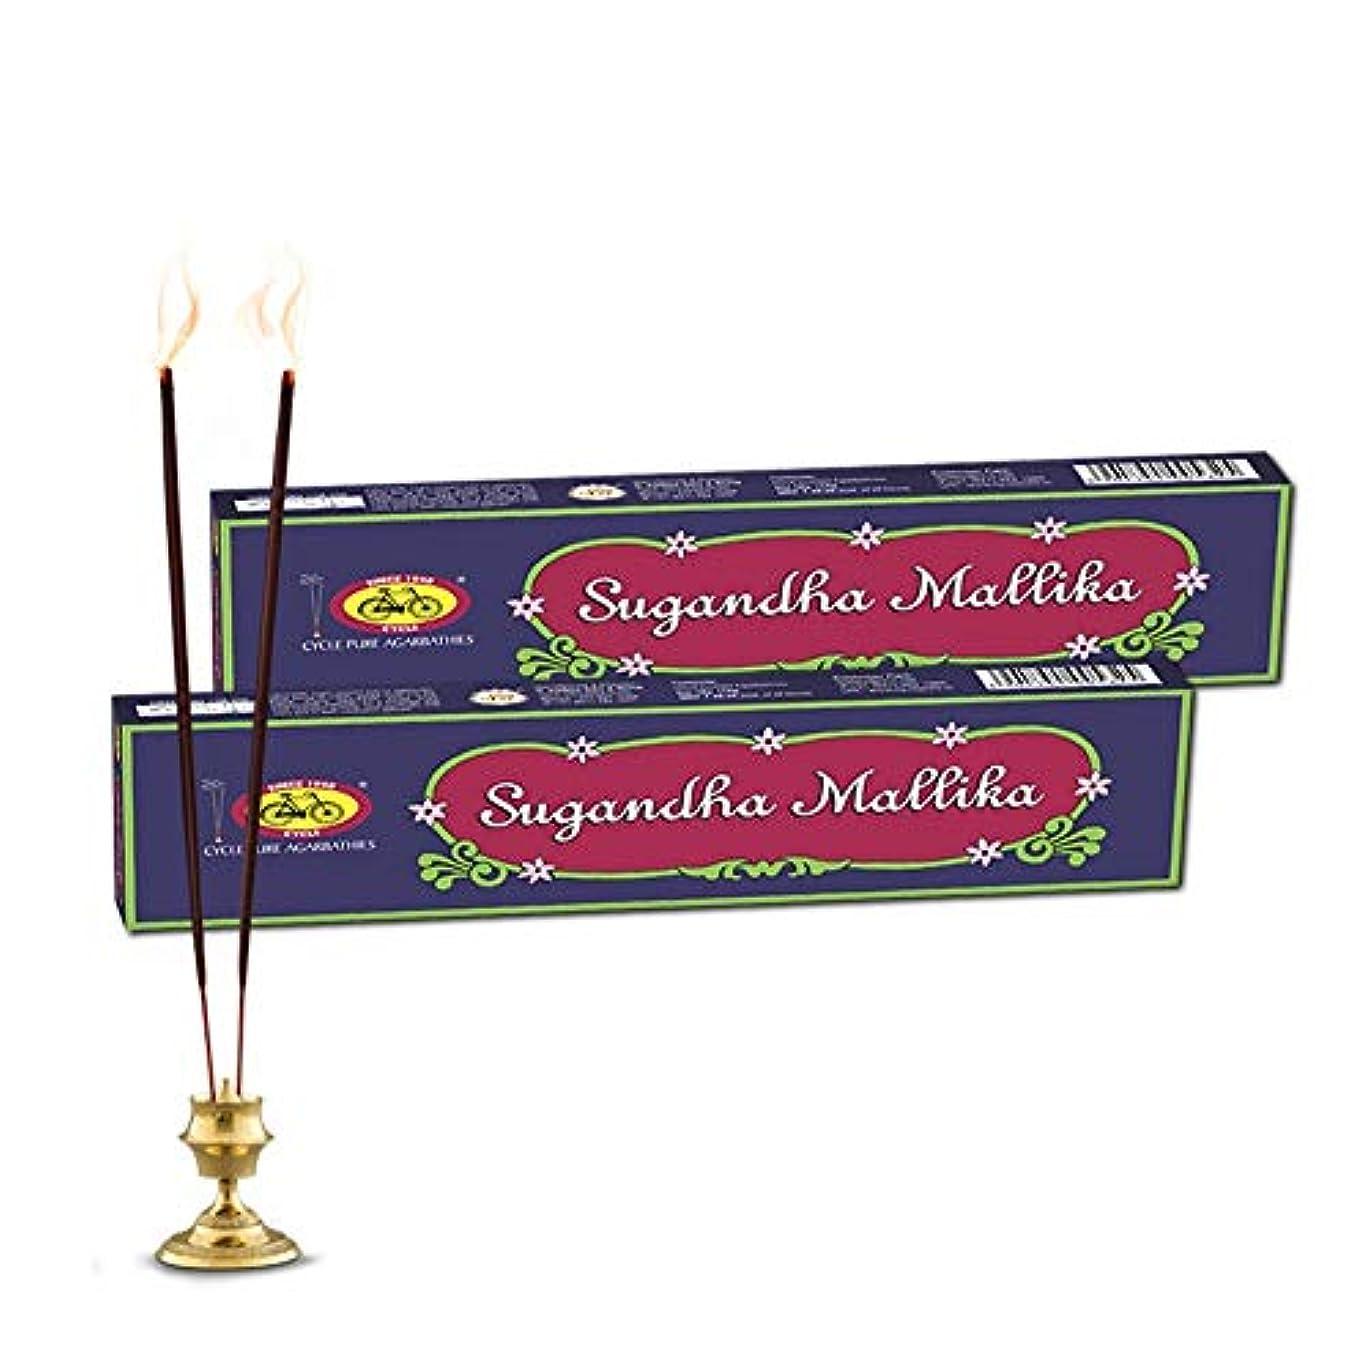 囚人合金スポーツの試合を担当している人Cycle Pure Agarbathies Dual Pack Sugandha Mallika Incense Sticks with Mogra Juhi and Chameli Fragrances - Pack...